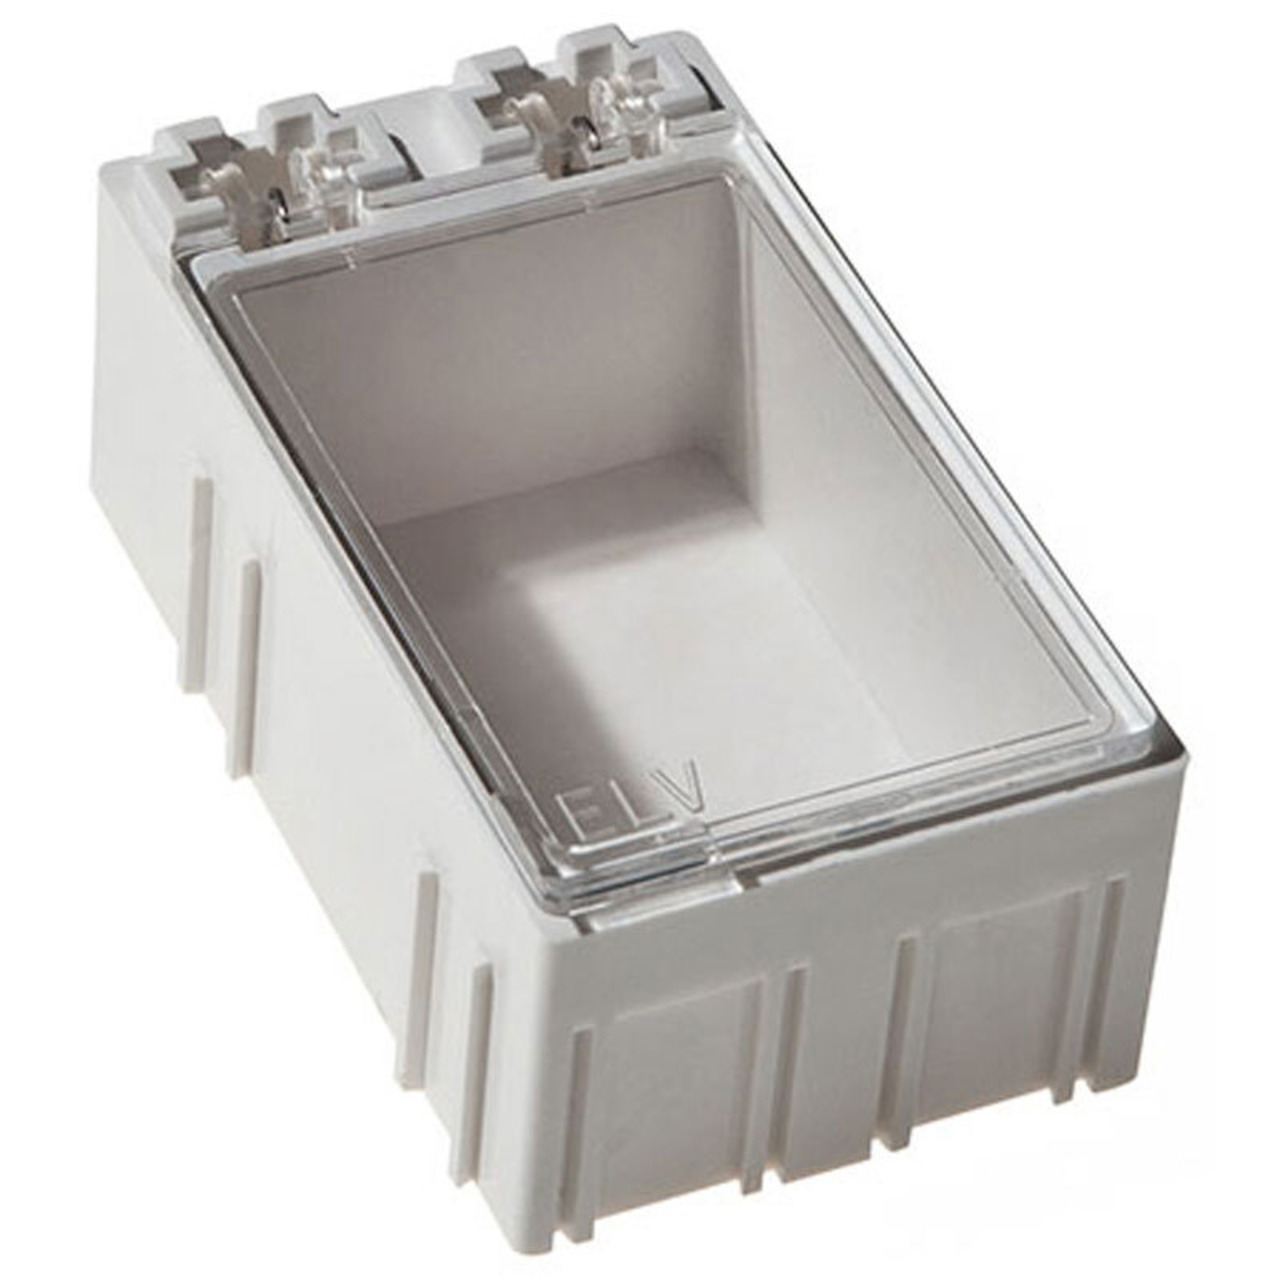 Image of 10er-Set ELV SMD-Sortierbox, Altweiß, 23 x 31 x 54 mm